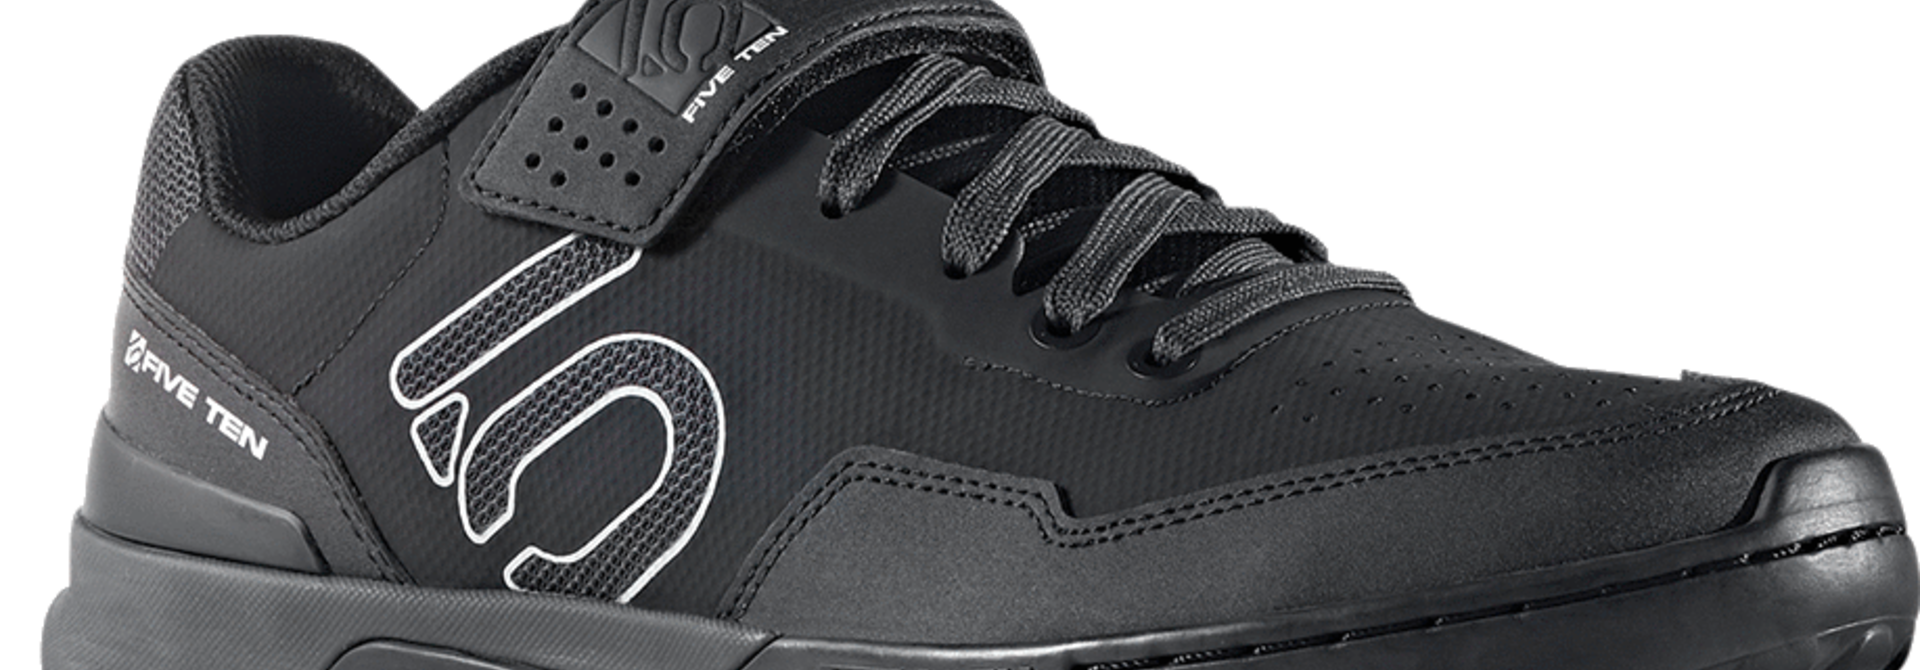 FiveTen Kestrel Lace Carbon Black